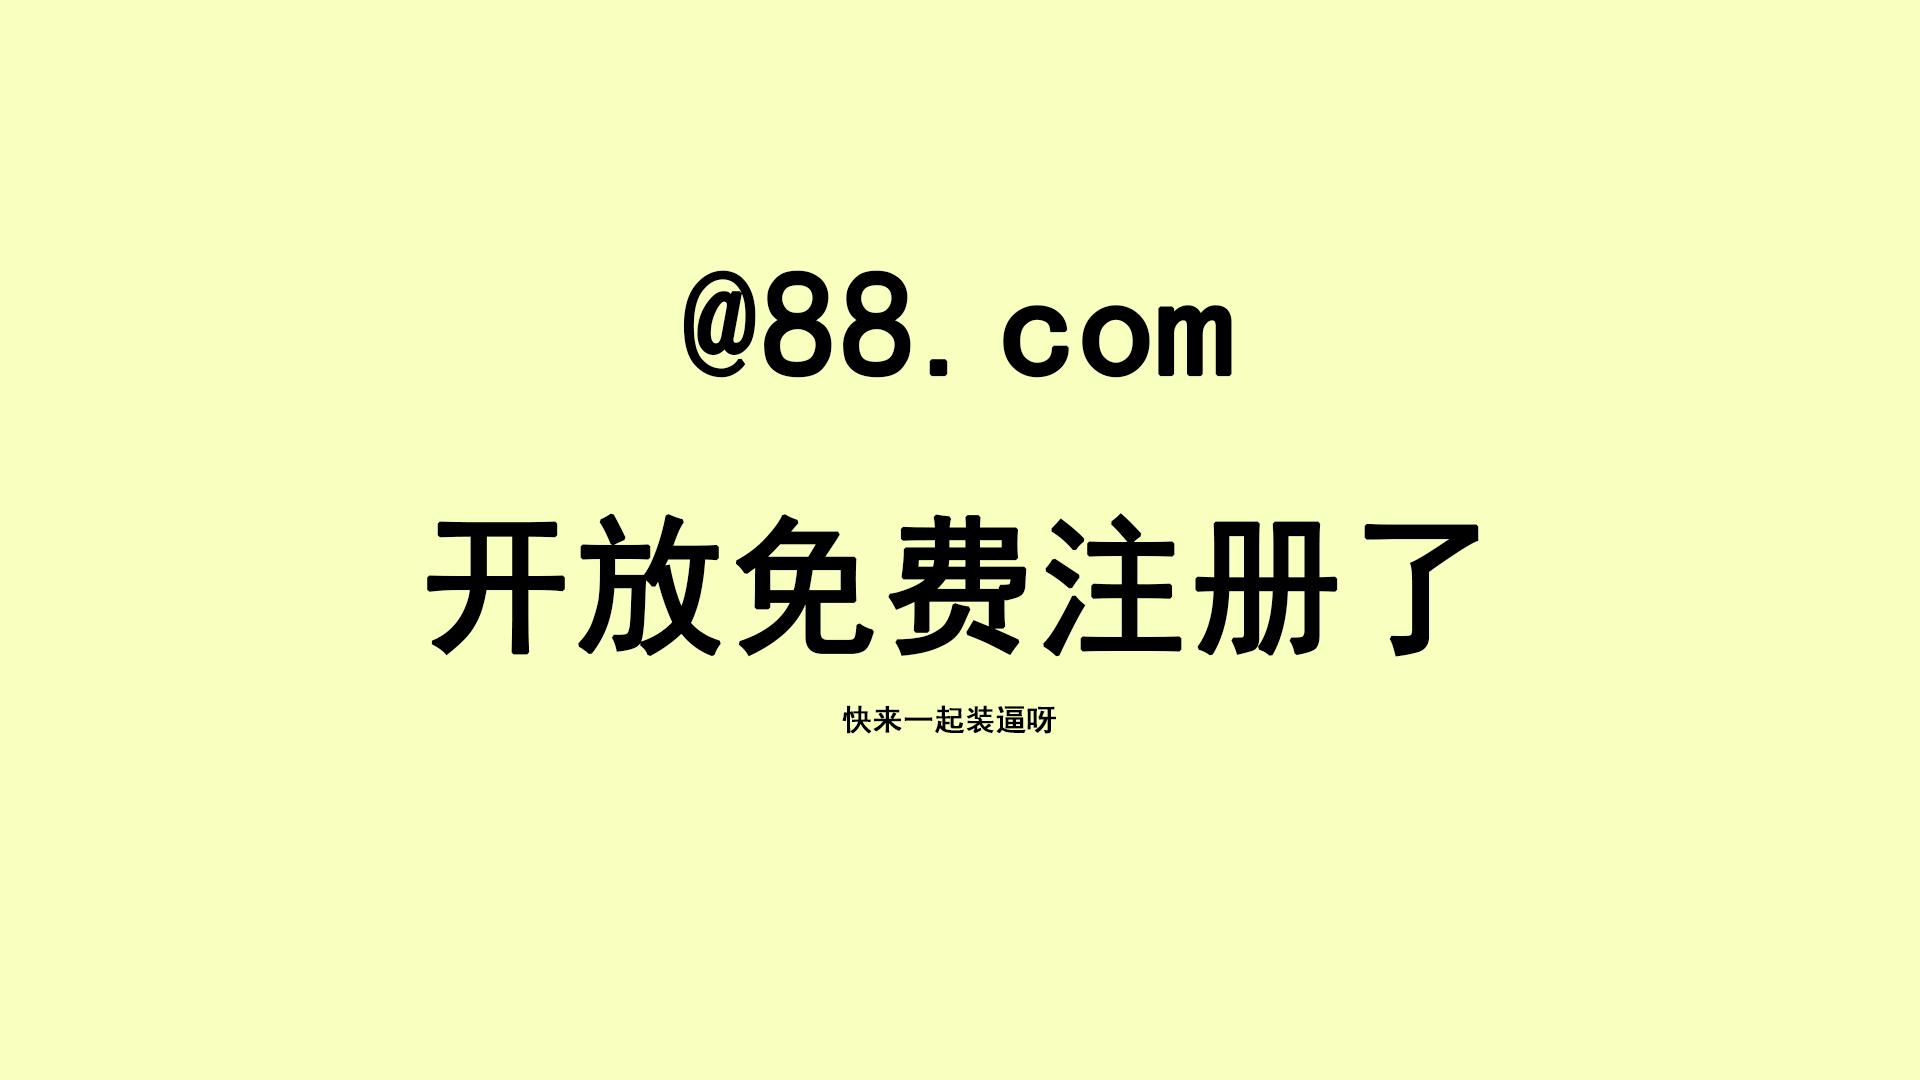 完美世界开发@88.com邮箱注册